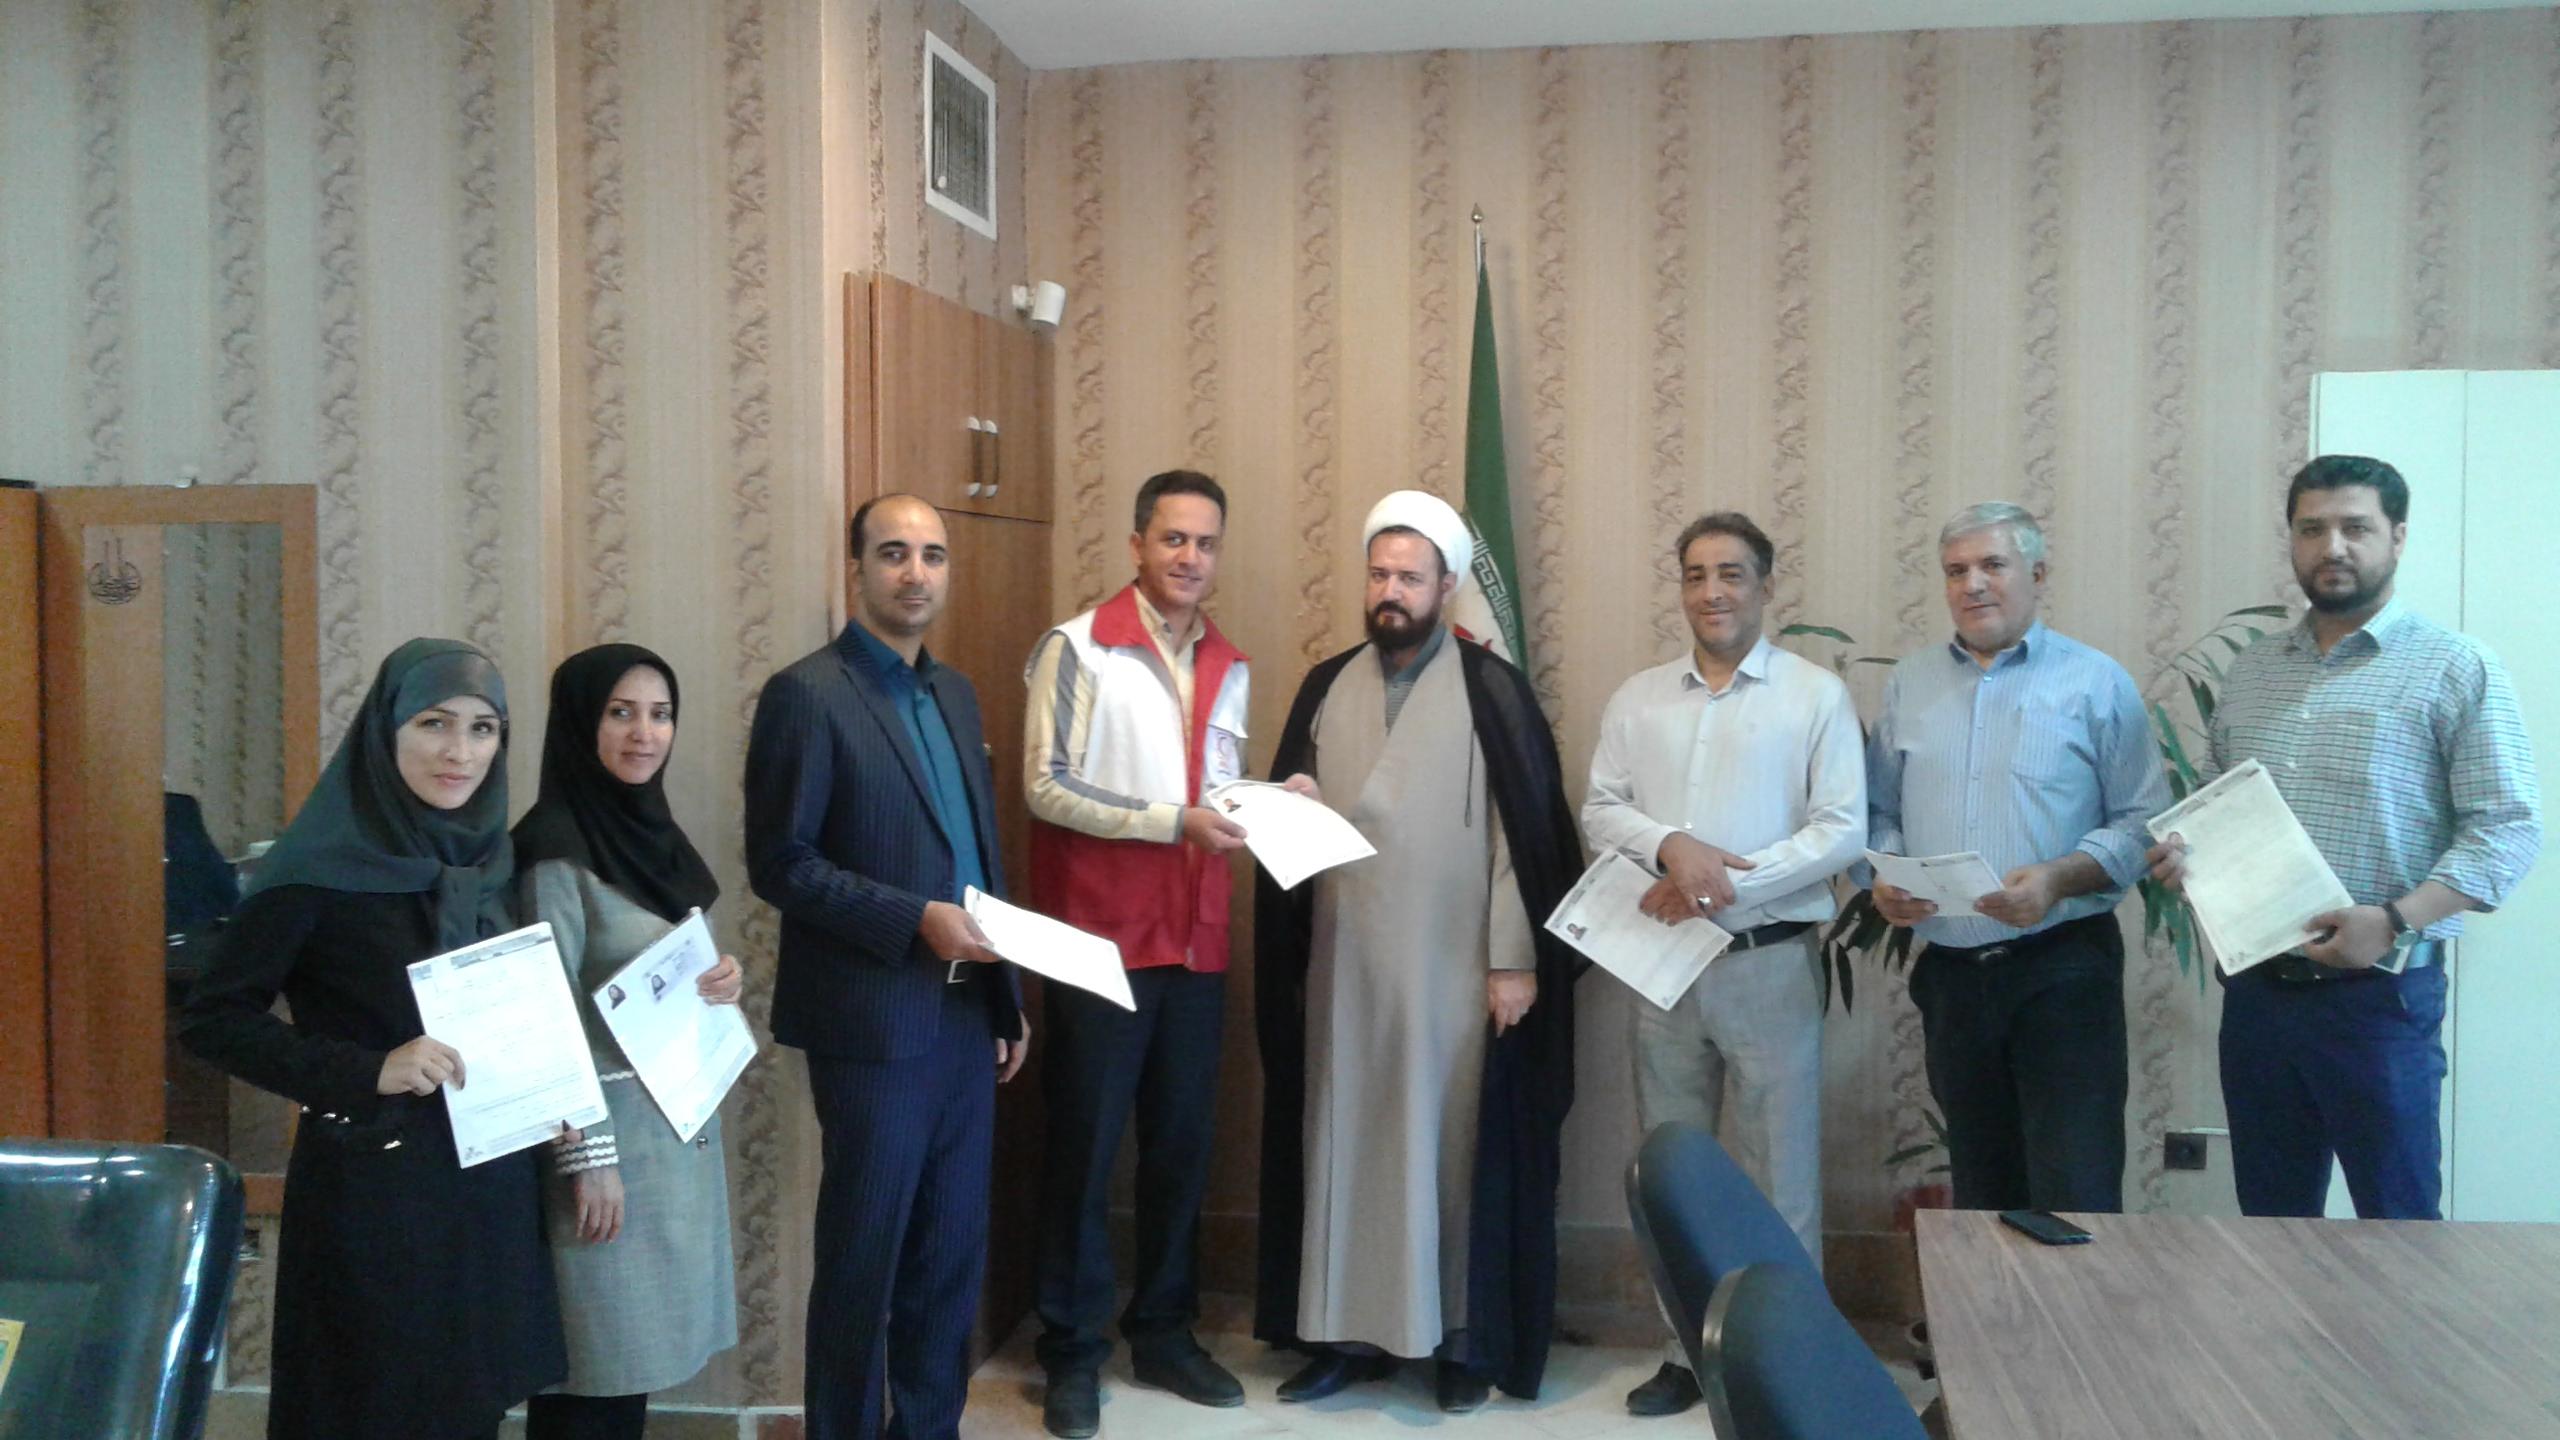 عضویت افتخاری رئیس وکارکنان اداره فرهنگ وارشاد اسلامی شهرستان فردیس در جمعیت هلال احمر